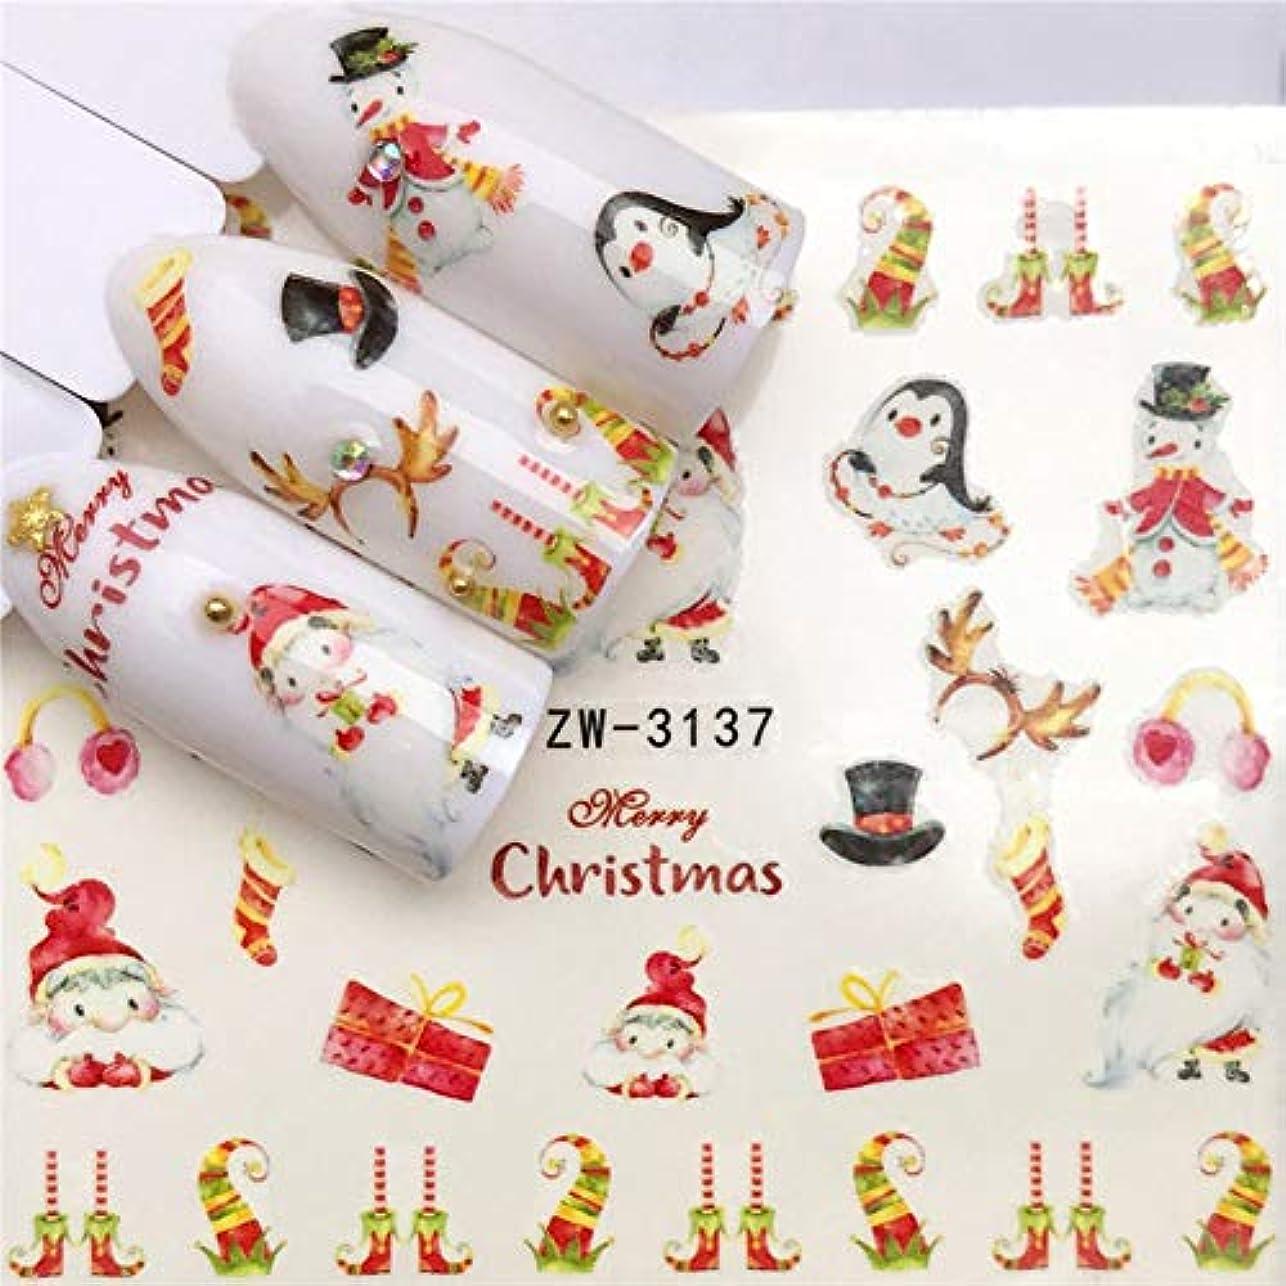 正しいバッグ六sky-open ネイルステッカー シール クリスマスシリーズ ネイルシール ネイルアート ネイル用装飾 ネイルアクセサリー ネイルデコ 大人 子供 女性 レディース ネイルジュエリー プレゼント ギフト 可愛い 人気 おしゃれ 10枚セット(H04)